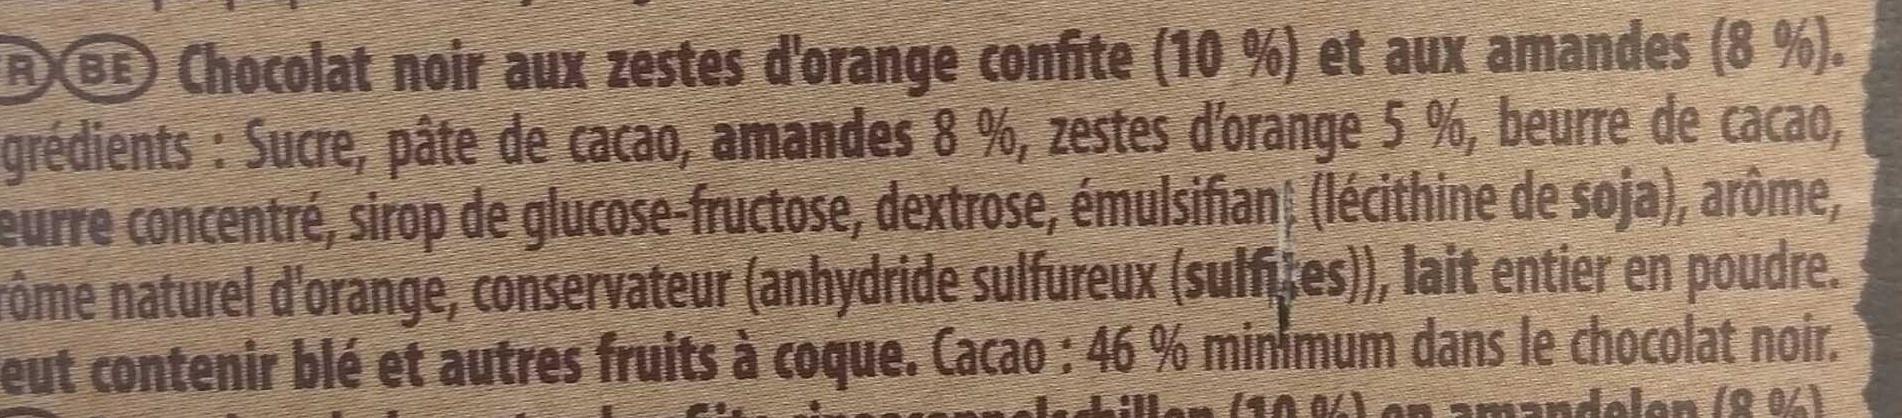 Brut Noir Amandes et Orange - Ingrediënten - fr